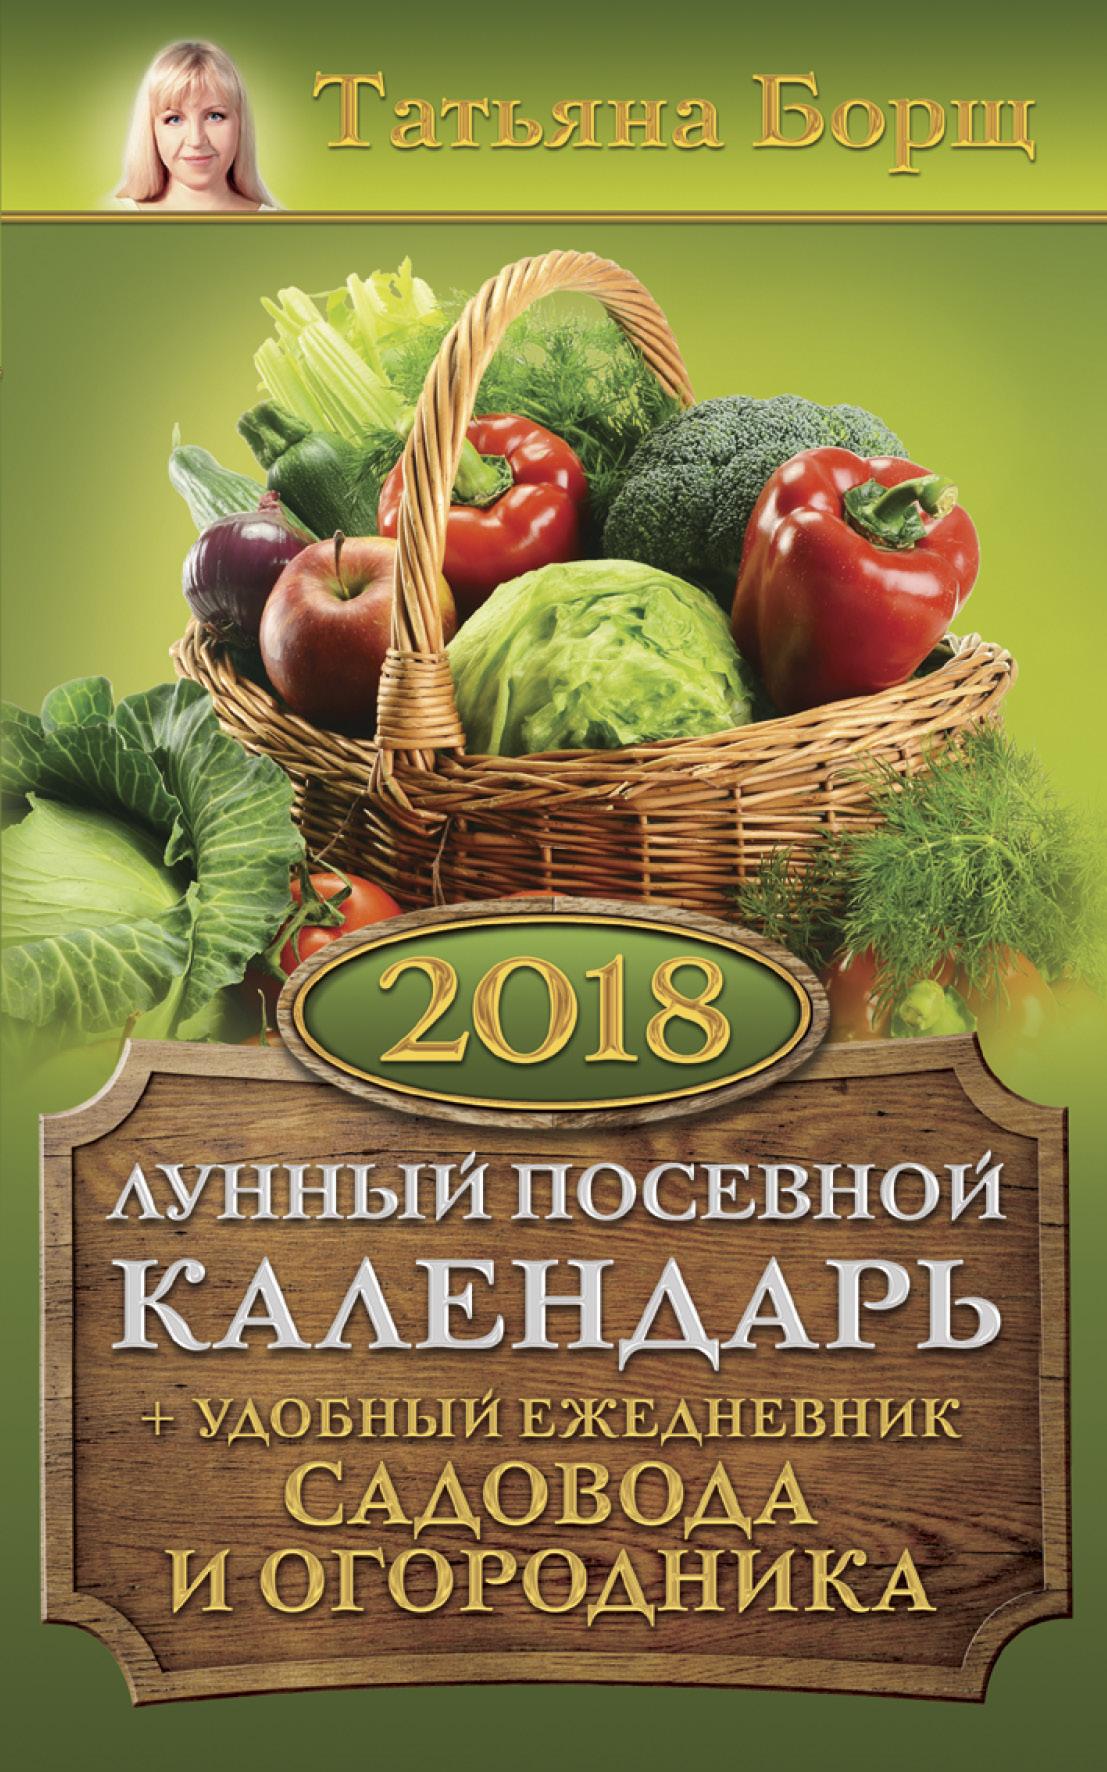 Лунный посевной календарь на 2018 год + удобный ежедневник садовода и огородника ( Борщ Татьяна  )